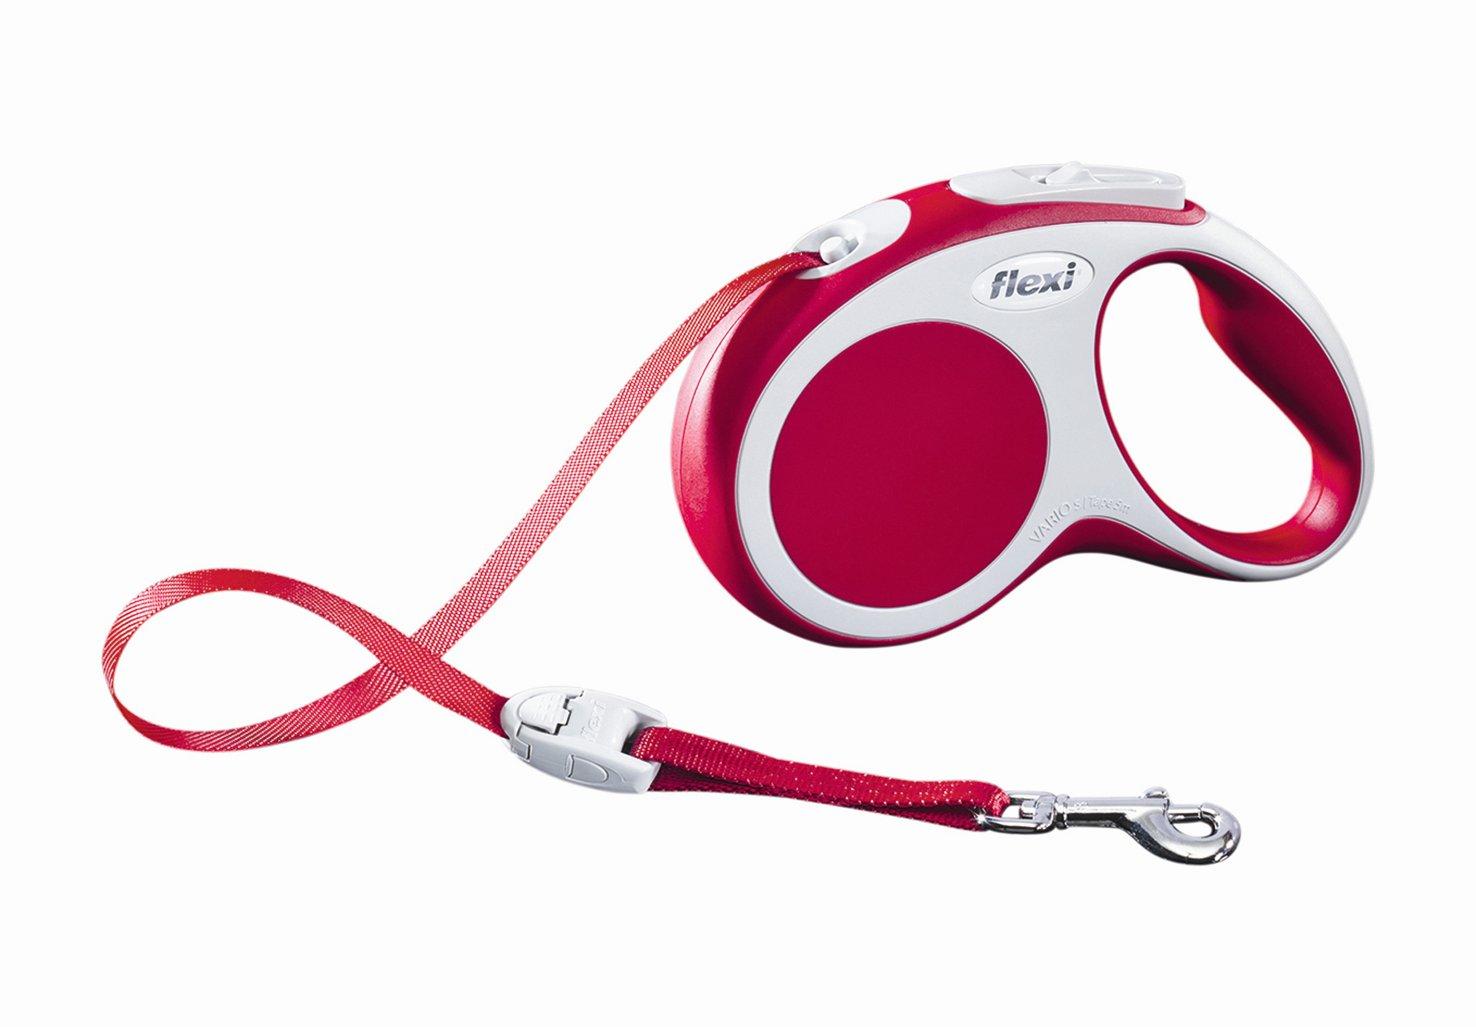 Поводок-рулетка Flexi Vario Compact S для собак до 15 кг, цвет: красный, 5 м019320Поводок-рулетка Flexi Vario Compact S изготовлен из пластика и нейлона. Ленточный поводок обеспечивает каждой собаке свободу движения, что идет на пользу здоровью и радует вашего четвероногого друга. Рулетка очень проста в использовании, оснащена кнопками кратковременной и постоянной фиксации. Ее можно оснастить - мультибоксом для лакомств или пакетиков для сбора фекалий, LED подсветкой корпуса, своркой или ремнем с LED подсветкой. Поводок имеет прочный корпус, хромированную застежку и светоотражающие элементы.Длина поводка: 5 м. Максимальная нагрузка: 15 кг.Товар сертифицирован.